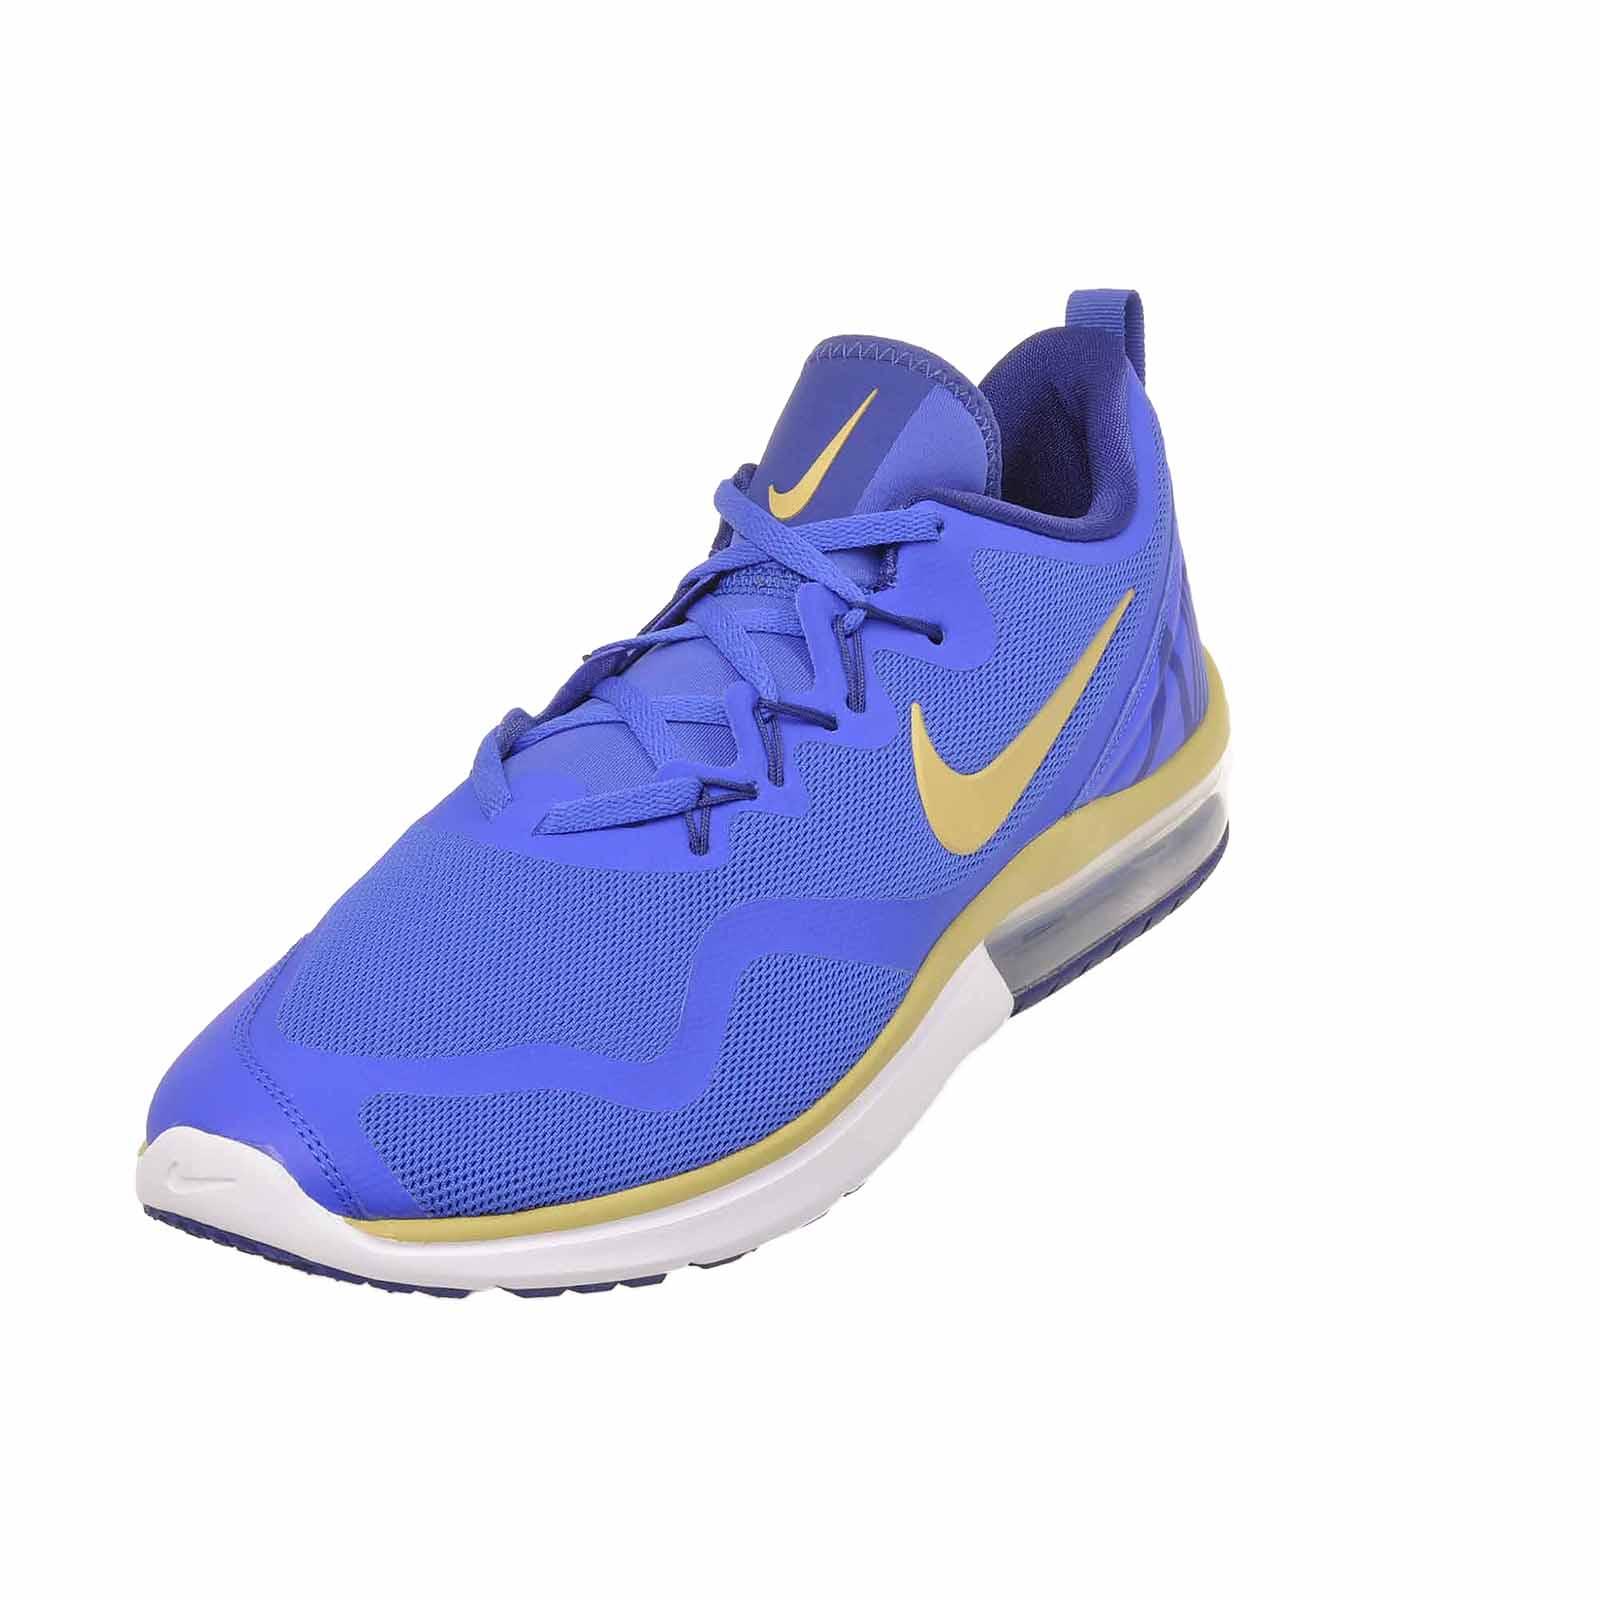 the best attitude 604da b6a41 Nike Air Max Fury Running Mens Shoes Blue NWOB AA5739-402   eBay